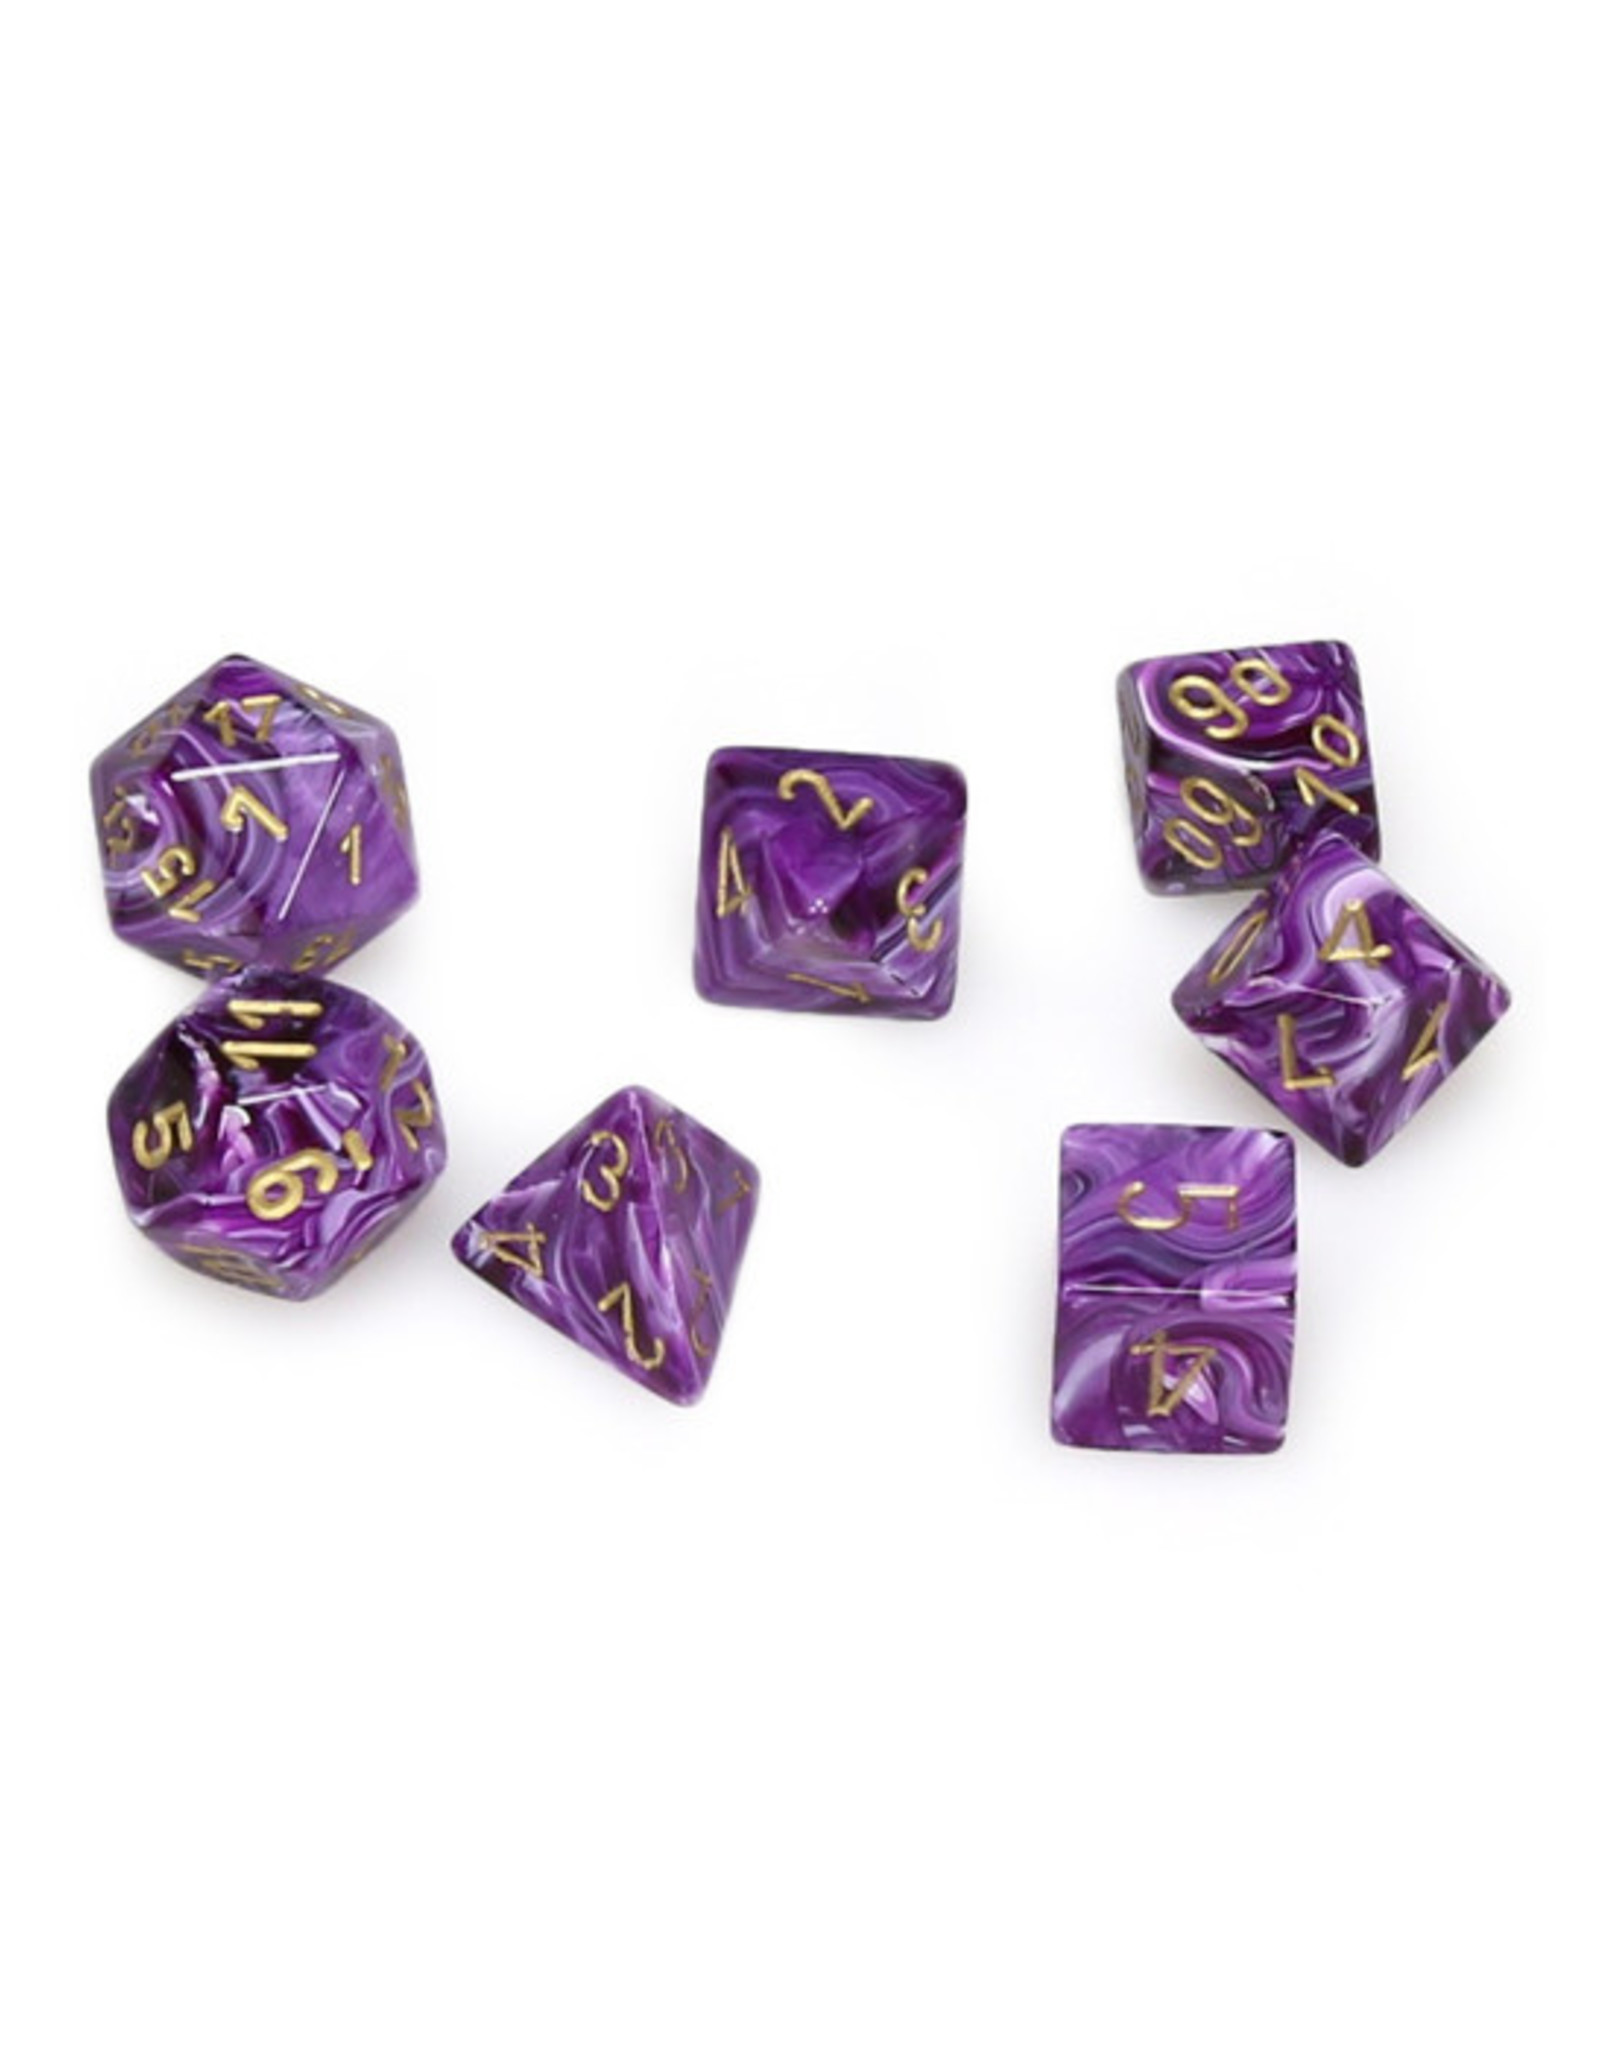 Chessex Chessex: Poly 7 Set - Vortex - Purple w/ Gold